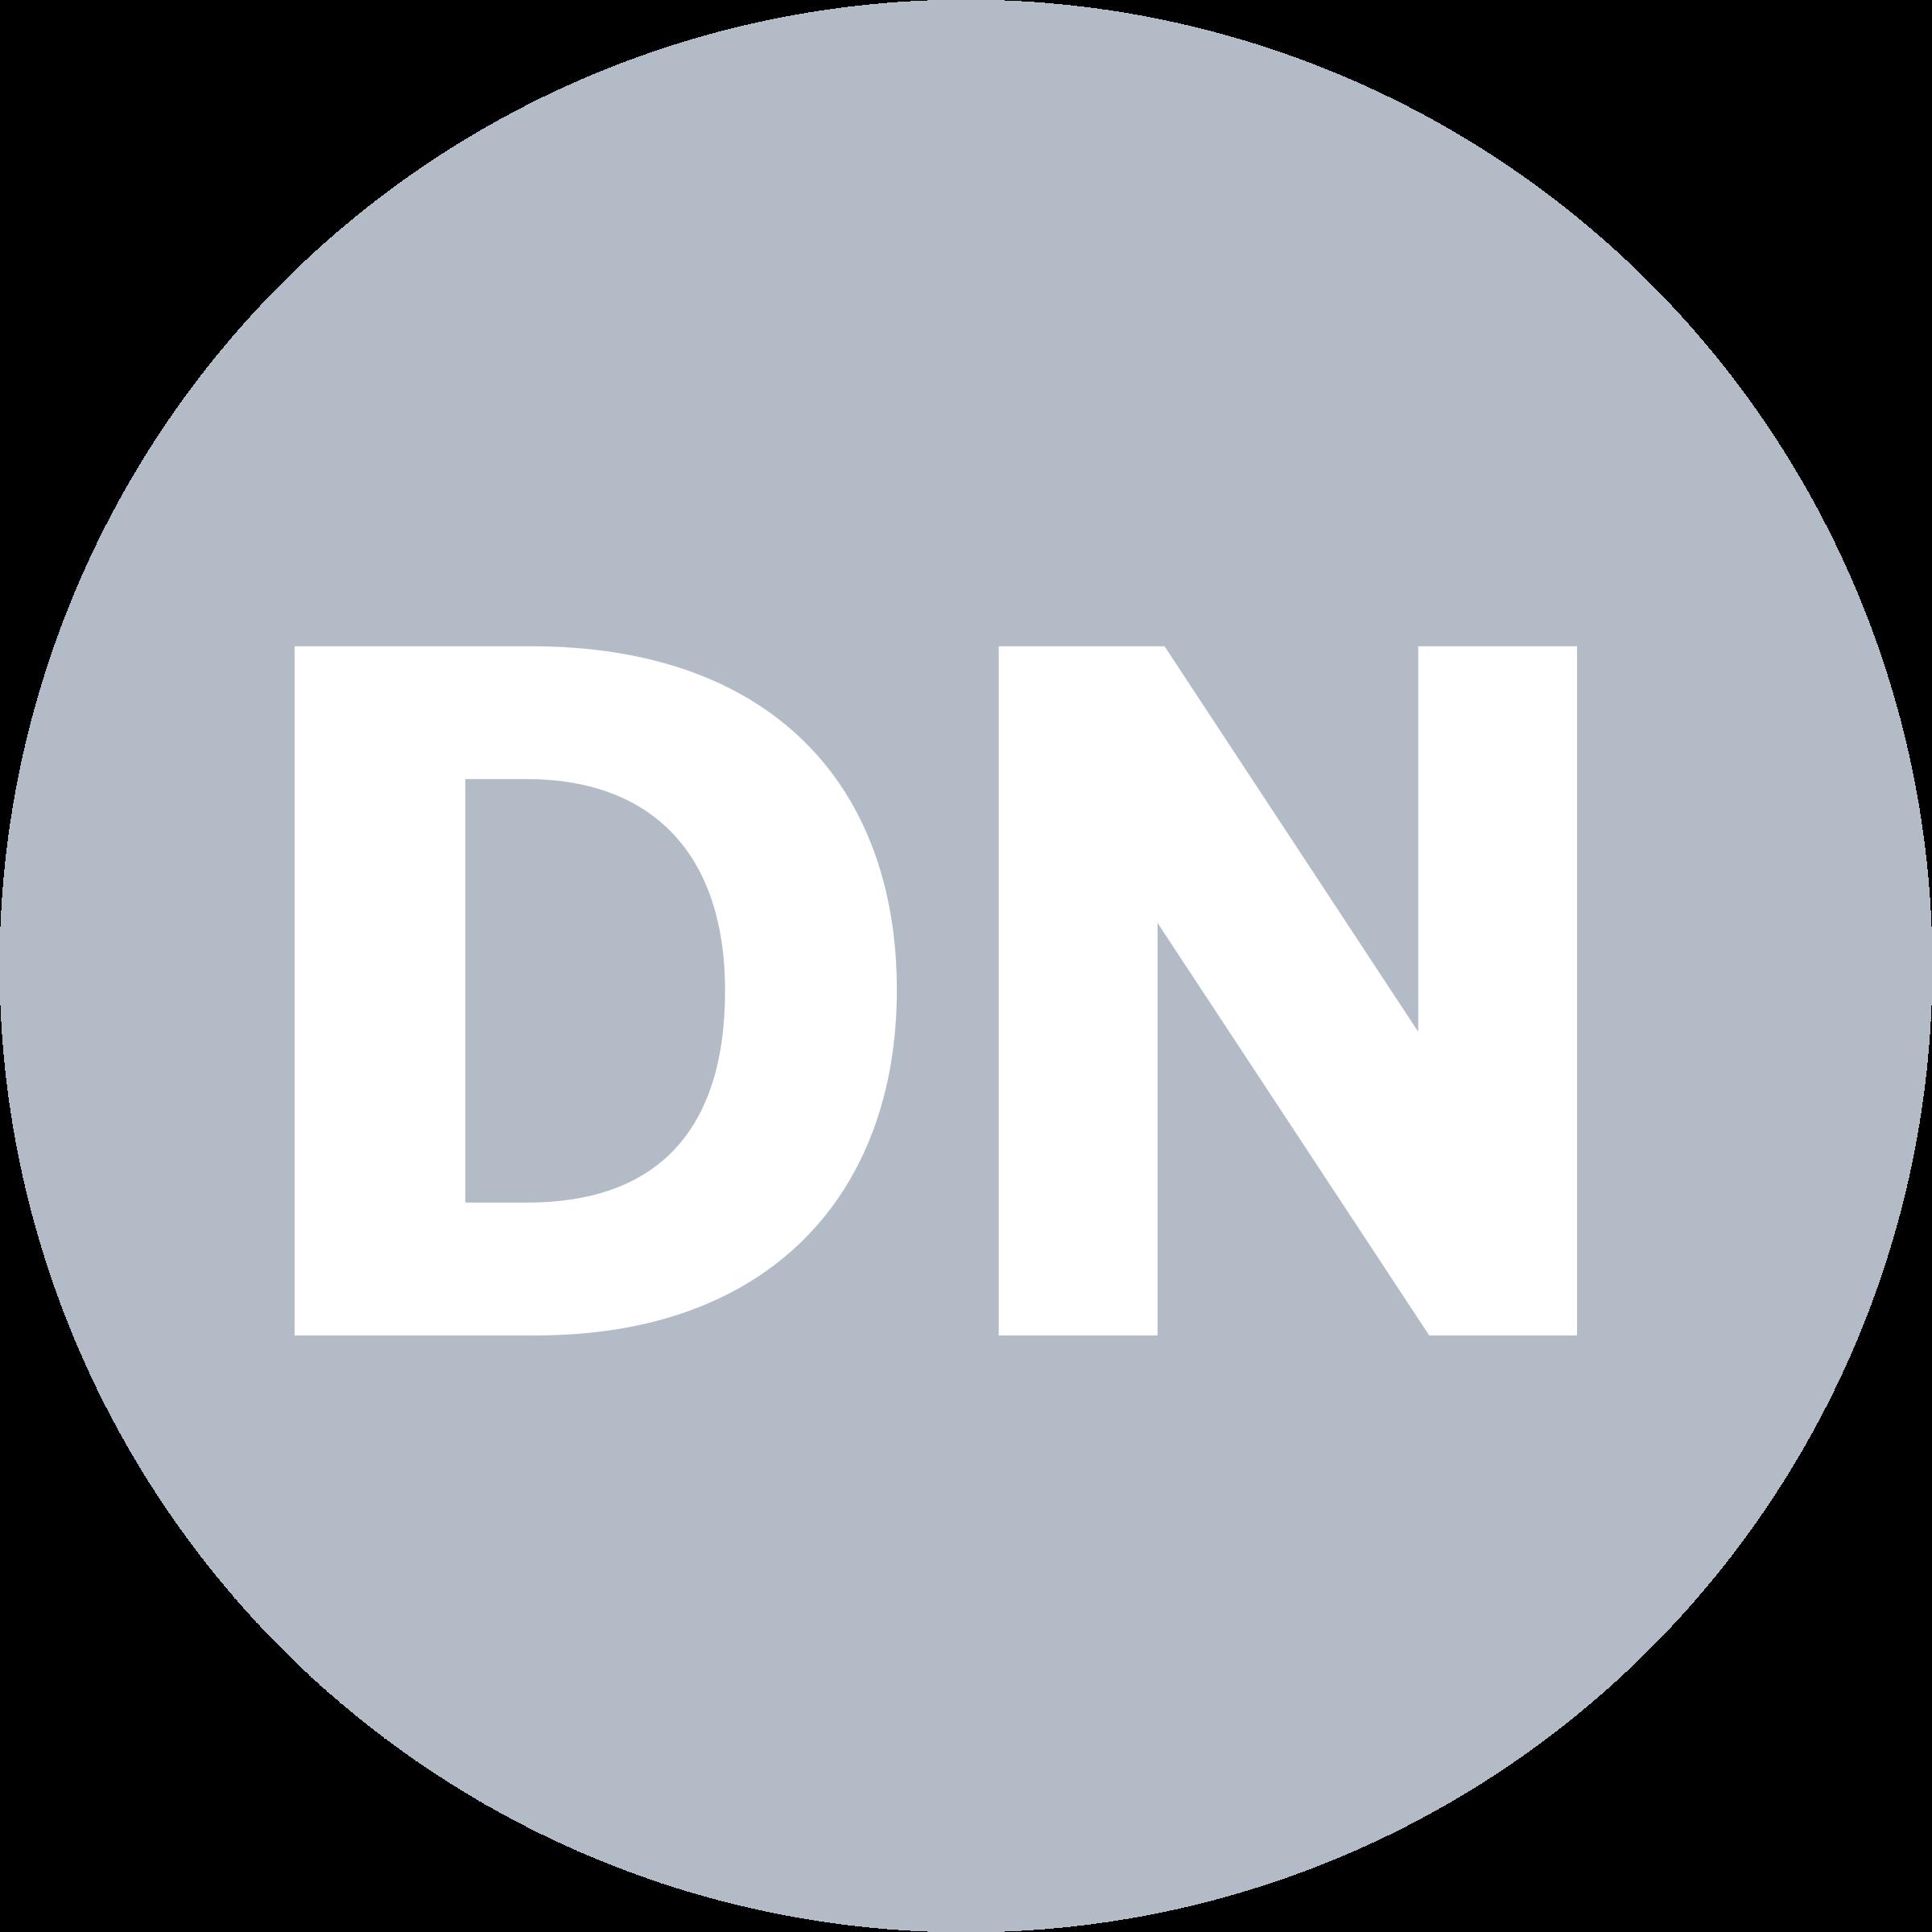 Designer news feature